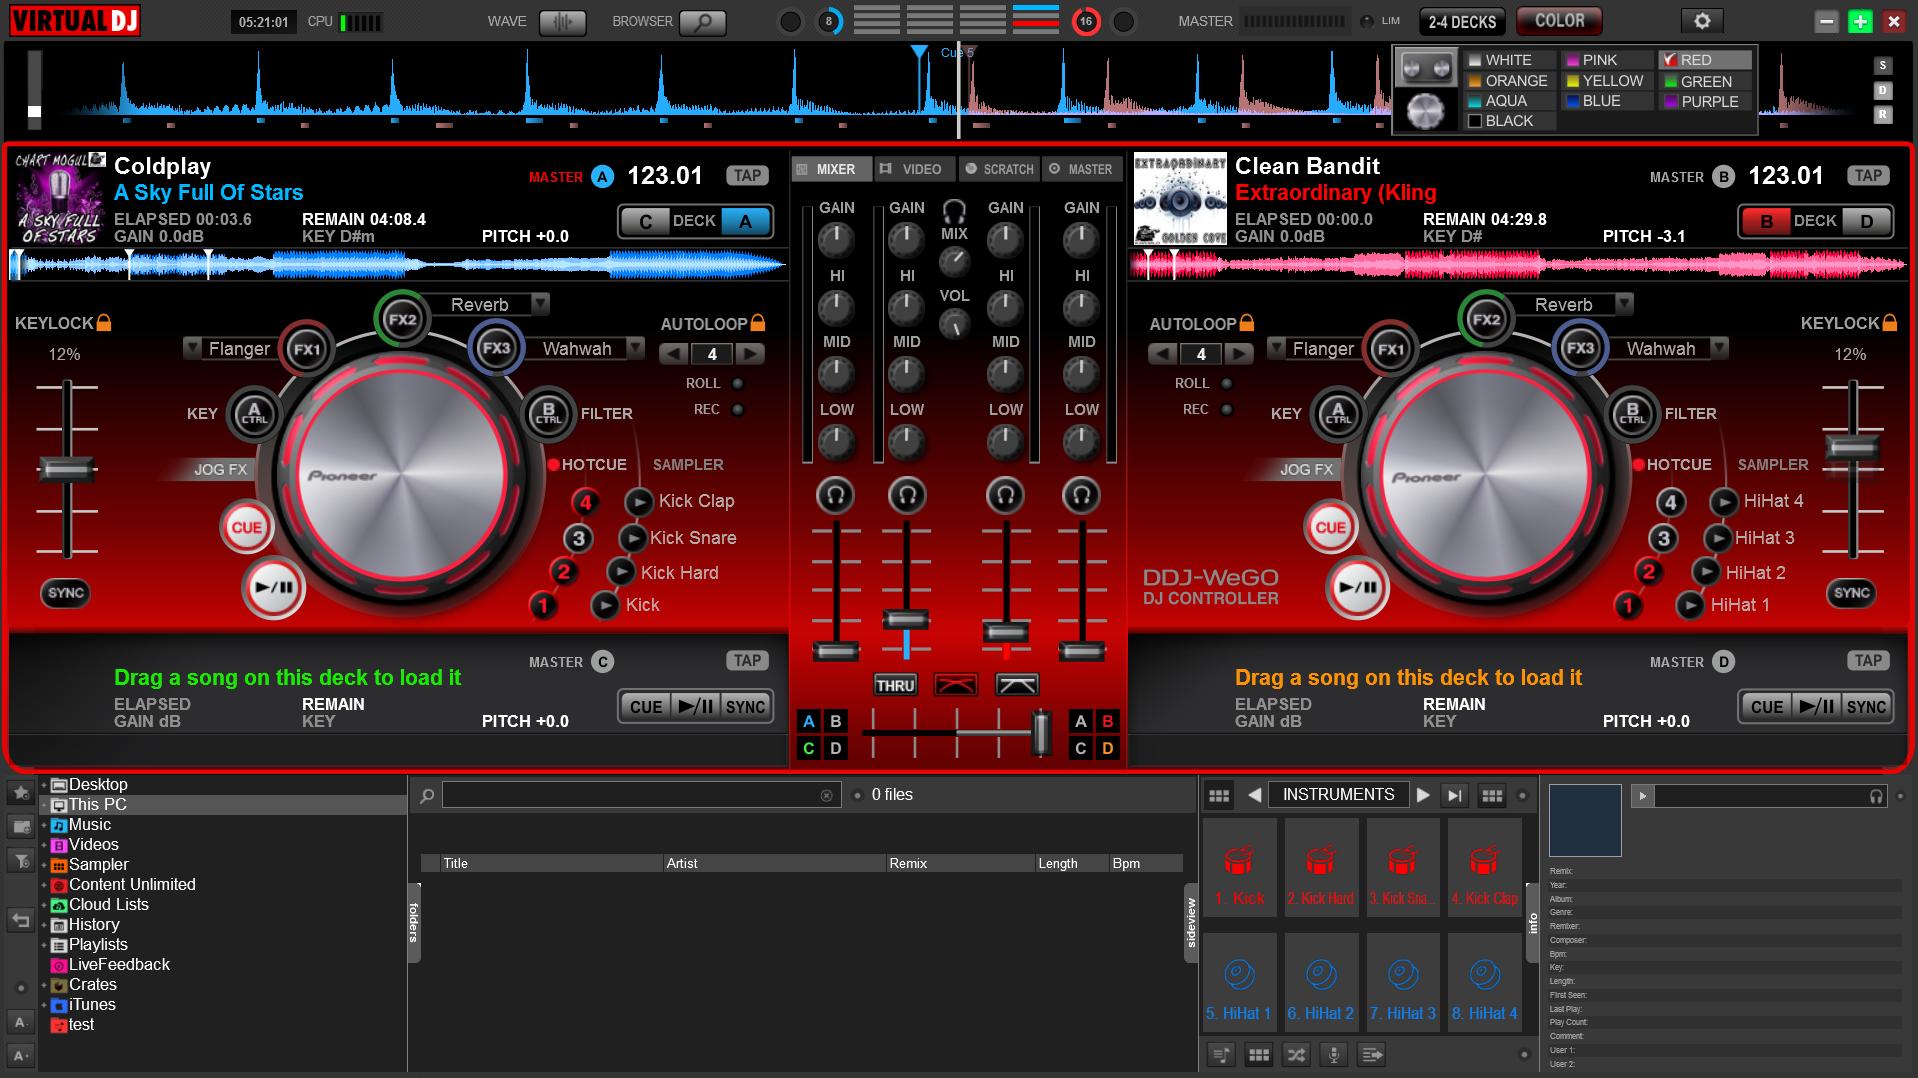 virtual dj 2018 crack free download